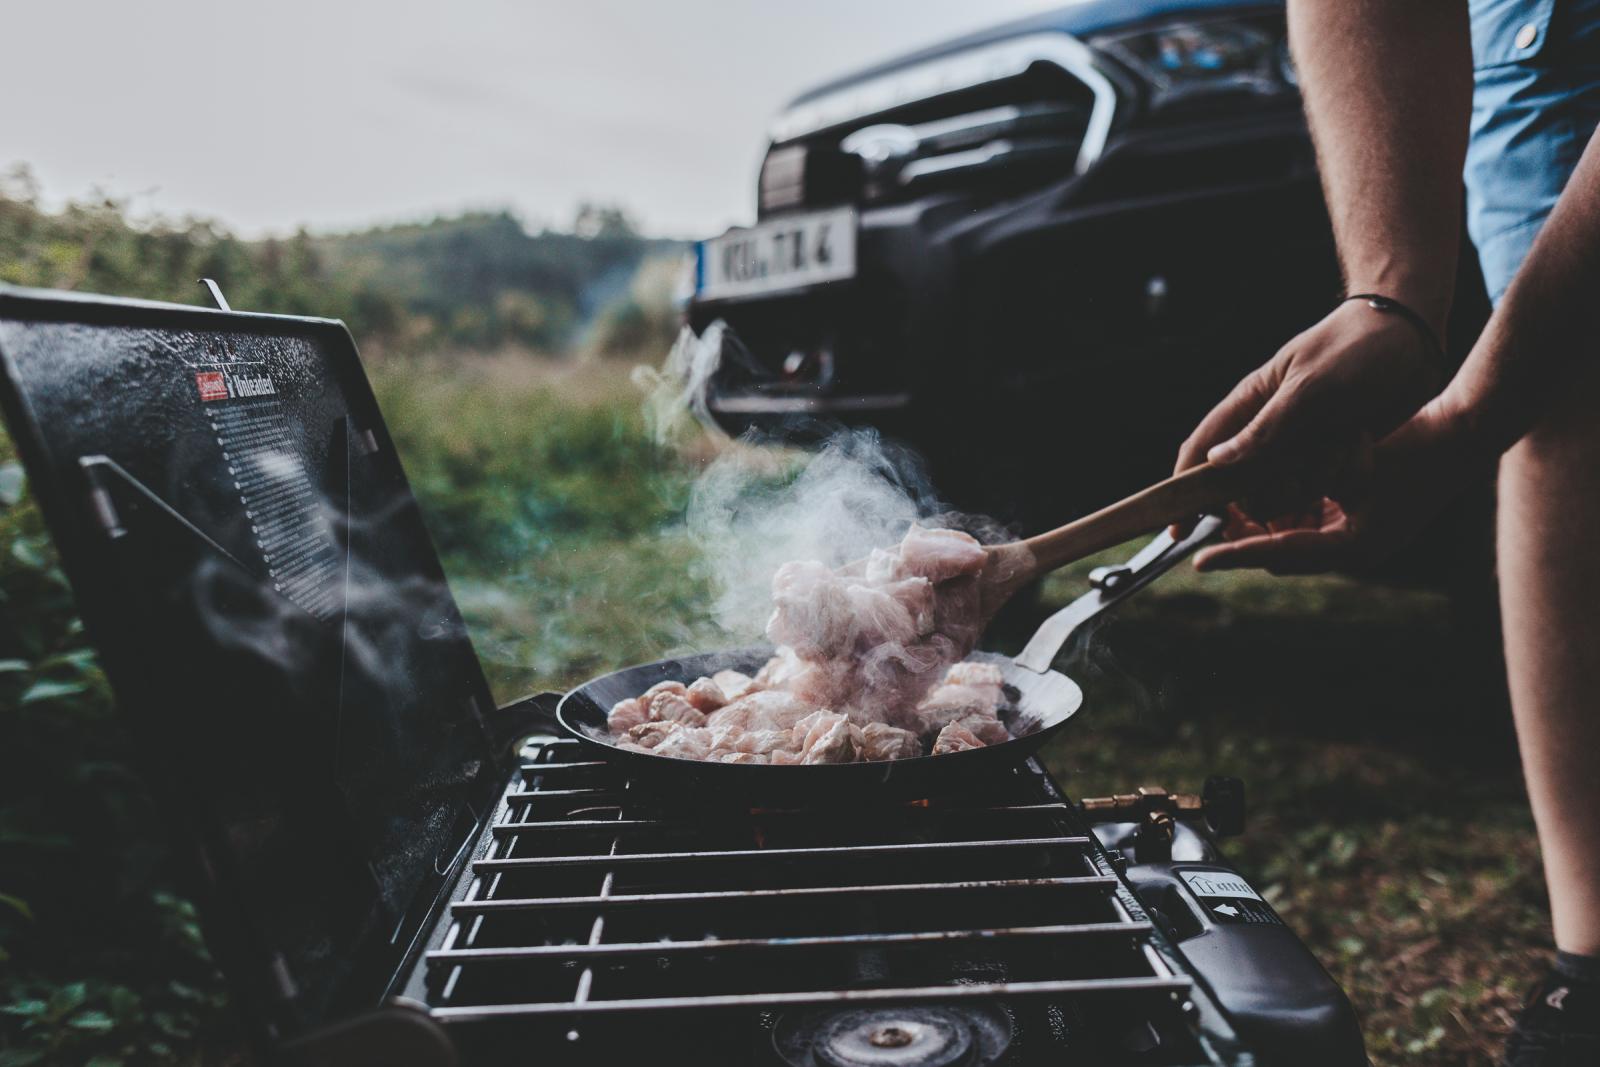 Camping mit dem Decked-Schubladensystem - Entspannt genießen, ohne viel Herumgeräume.